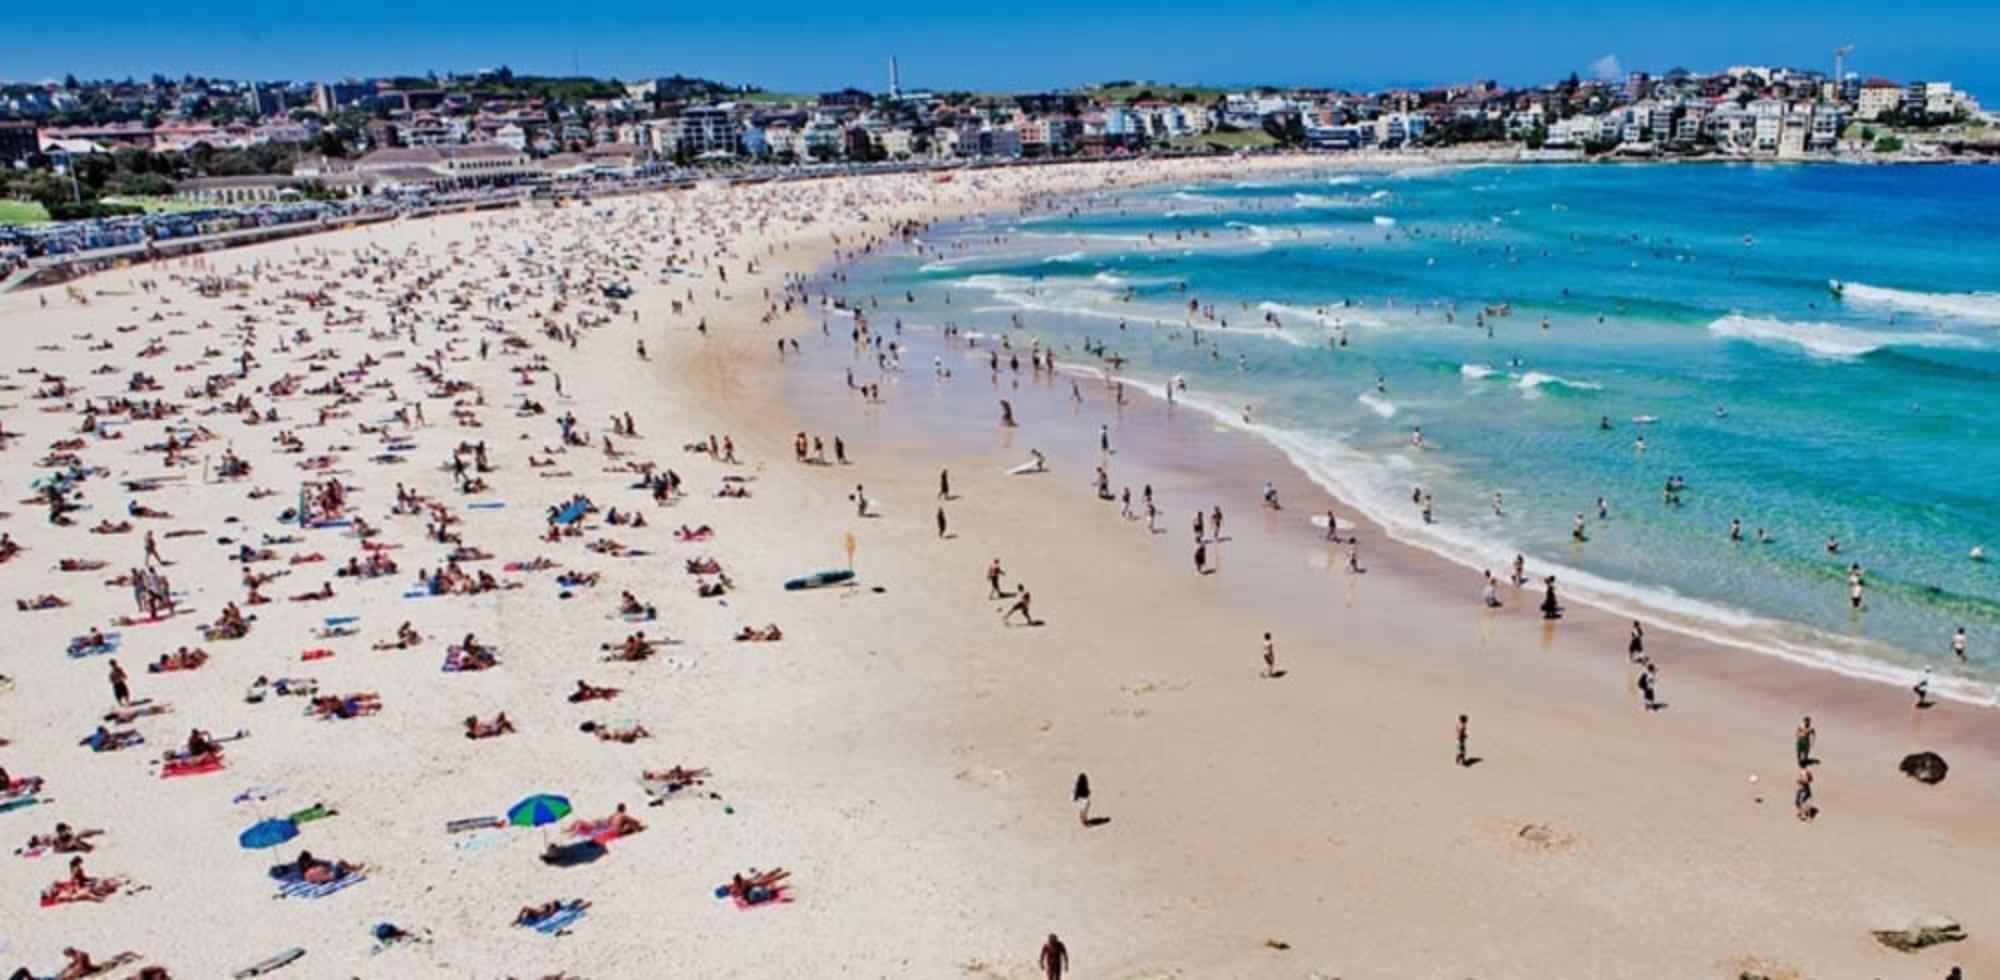 Australia The Global Hot Spot For Skin Cancer Molemap